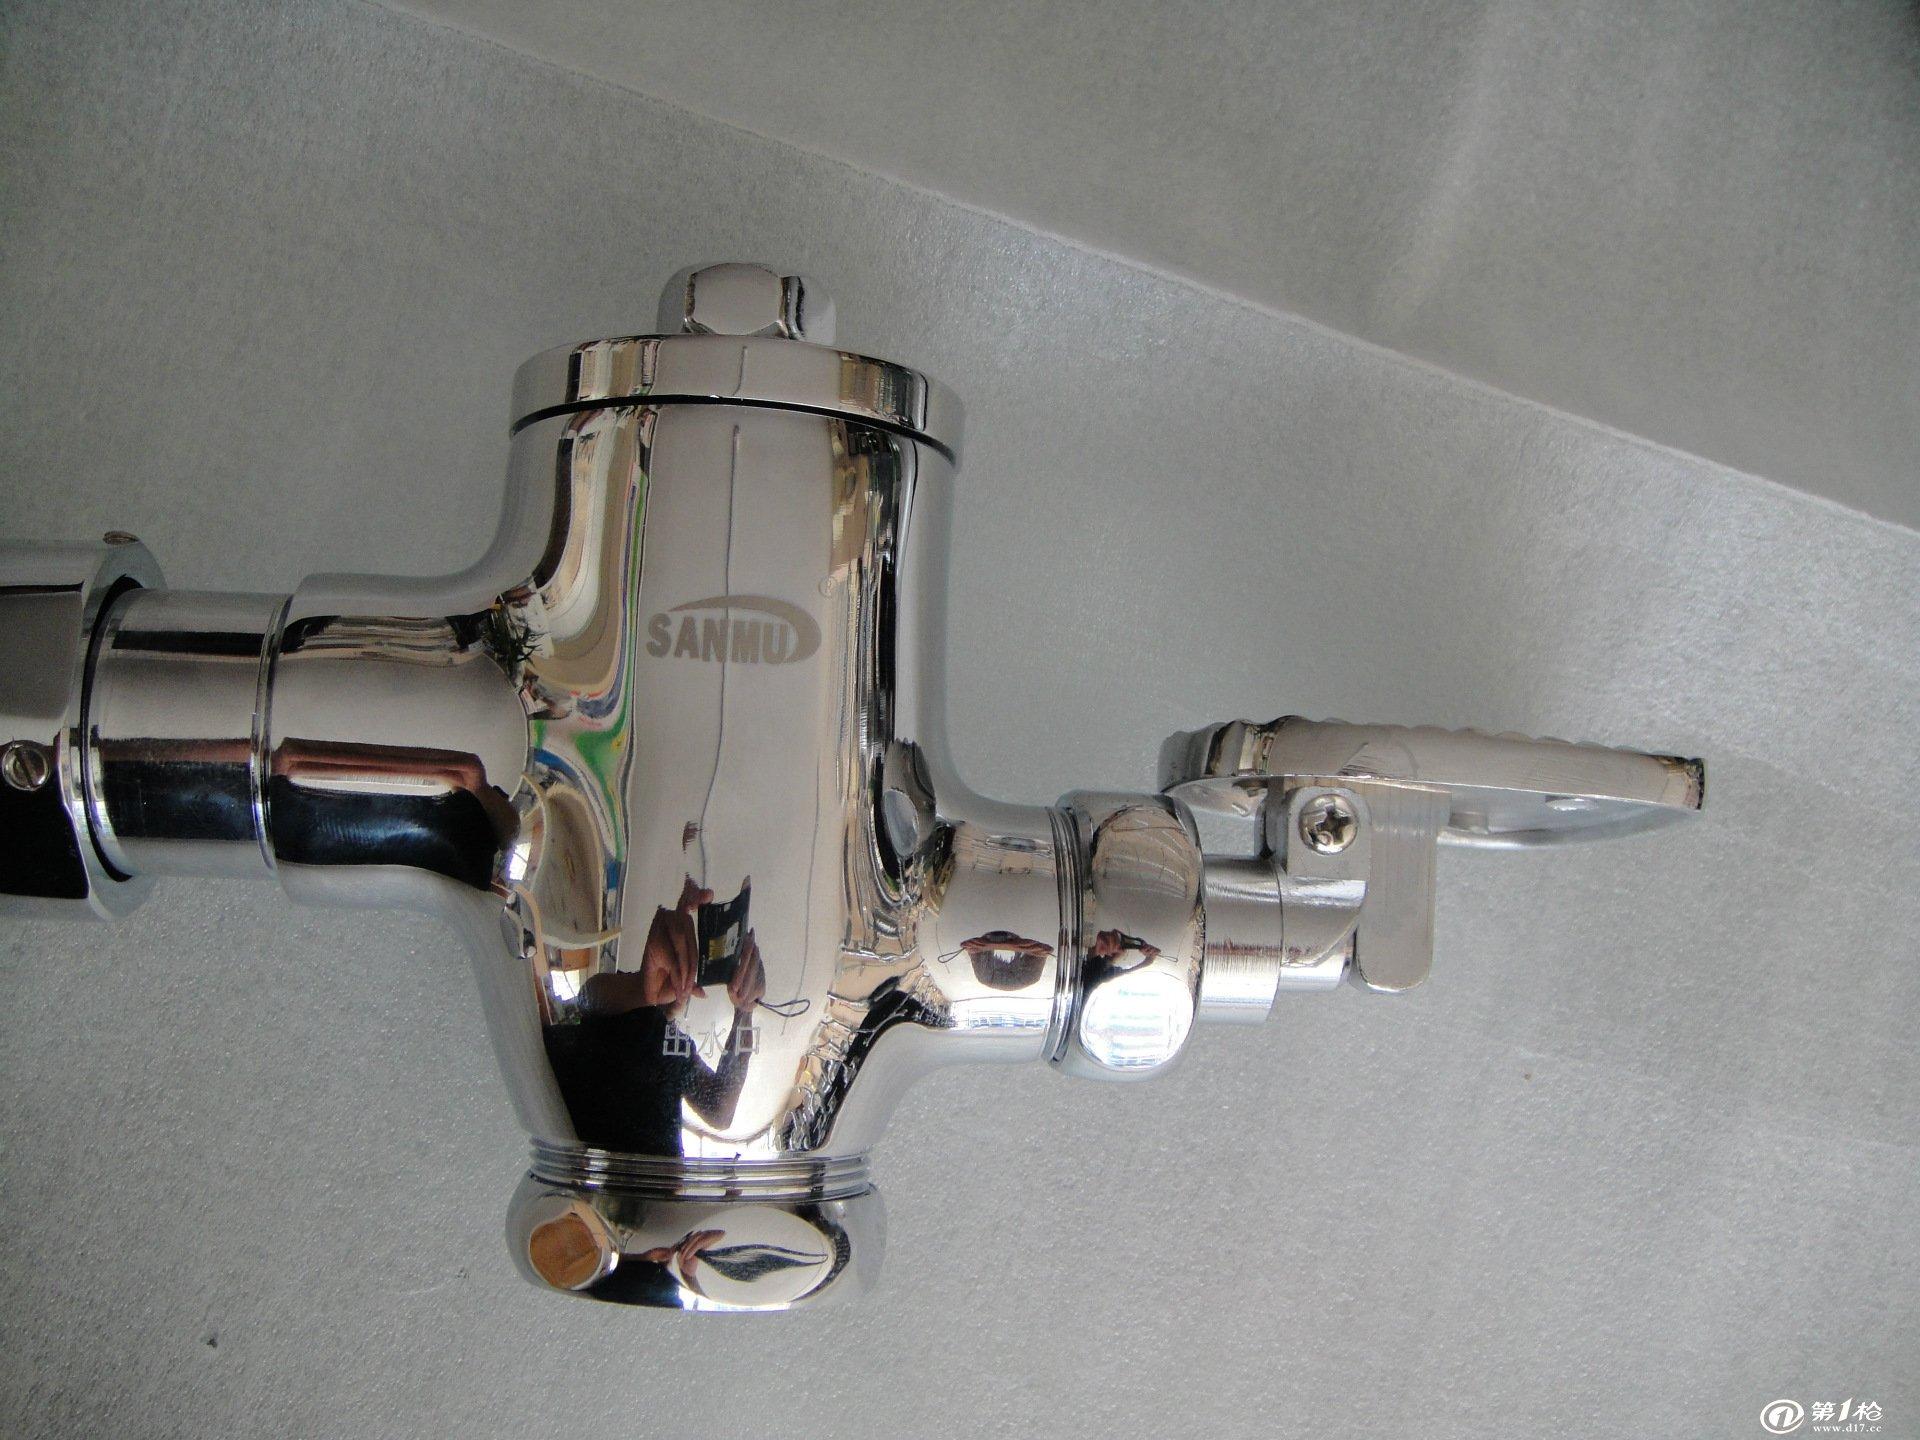 厂家直销 全铜 卧式脚踏式大便器专用冲洗阀 质优价廉图片